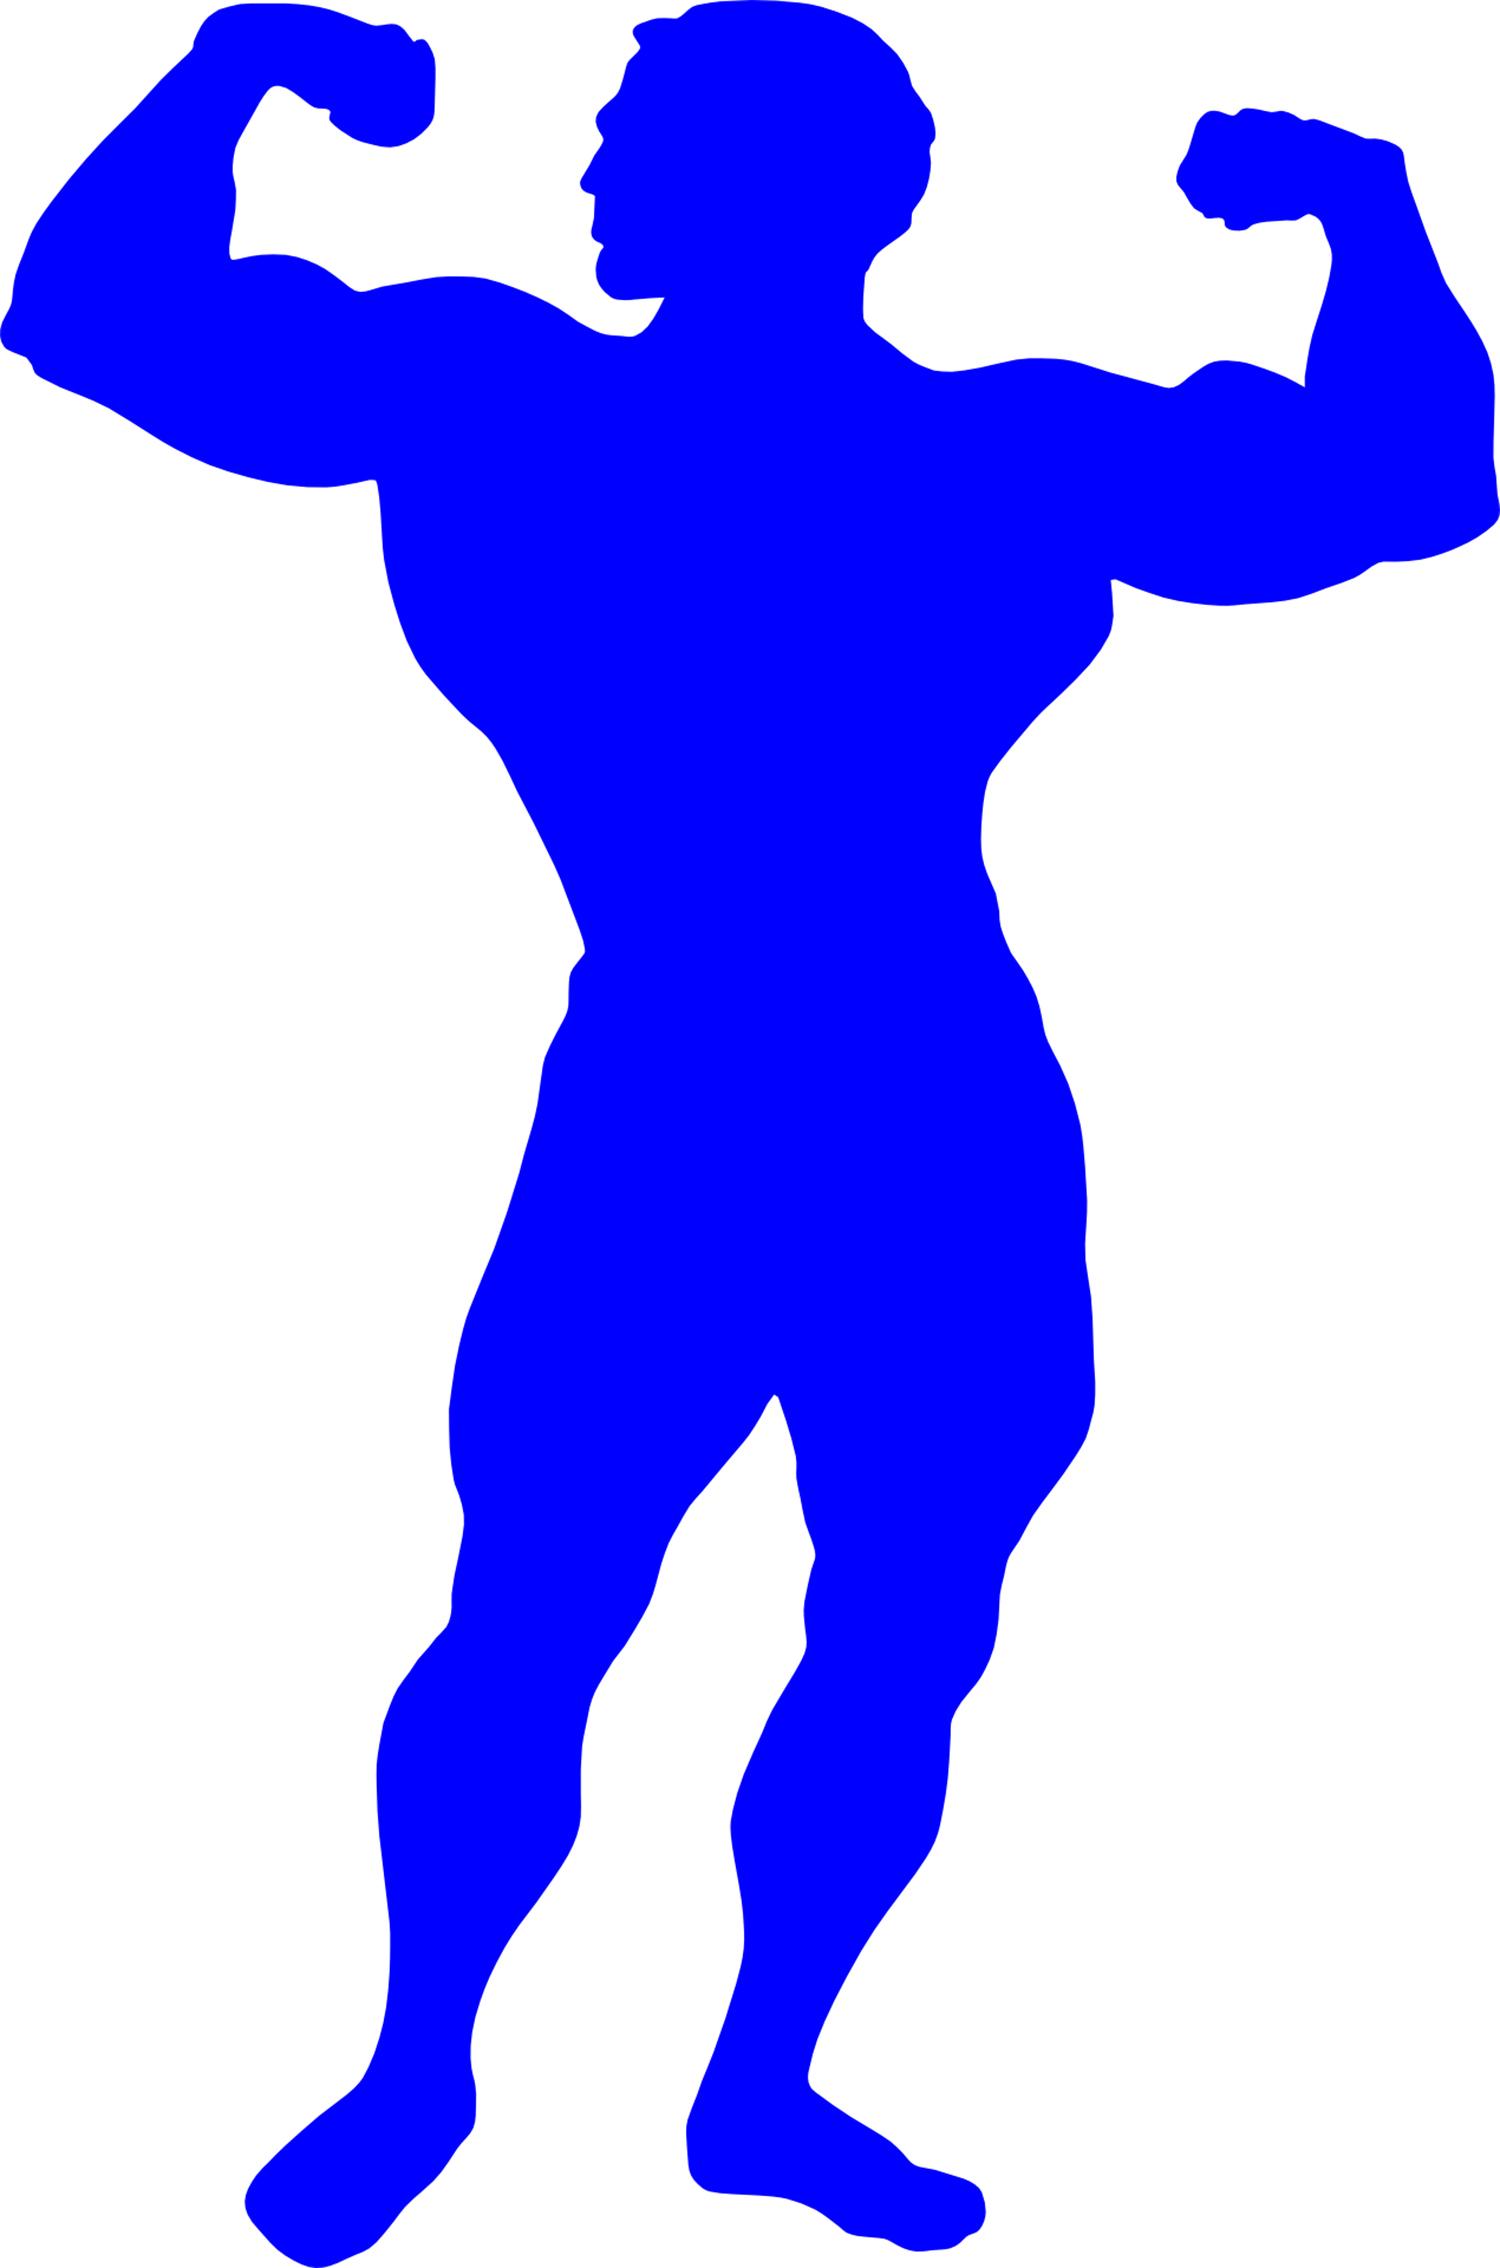 Vector Illustration of Muscular Bodybuilder